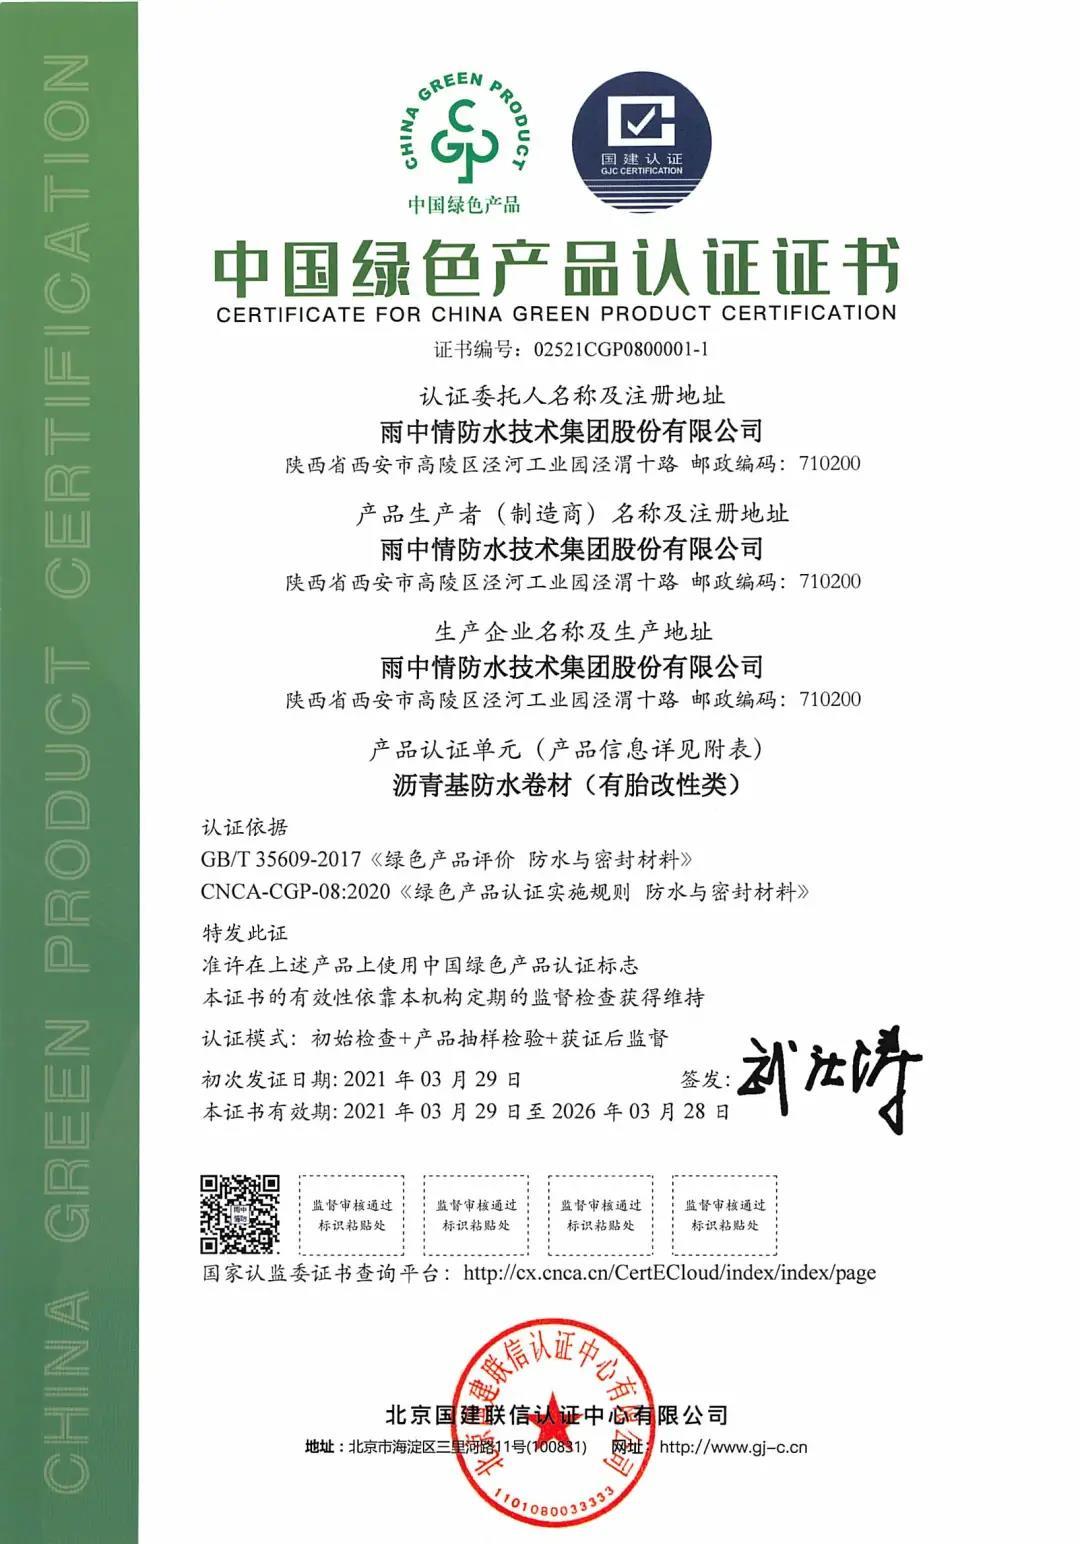 寰俊鍥剧墖_20210408103445.jpg